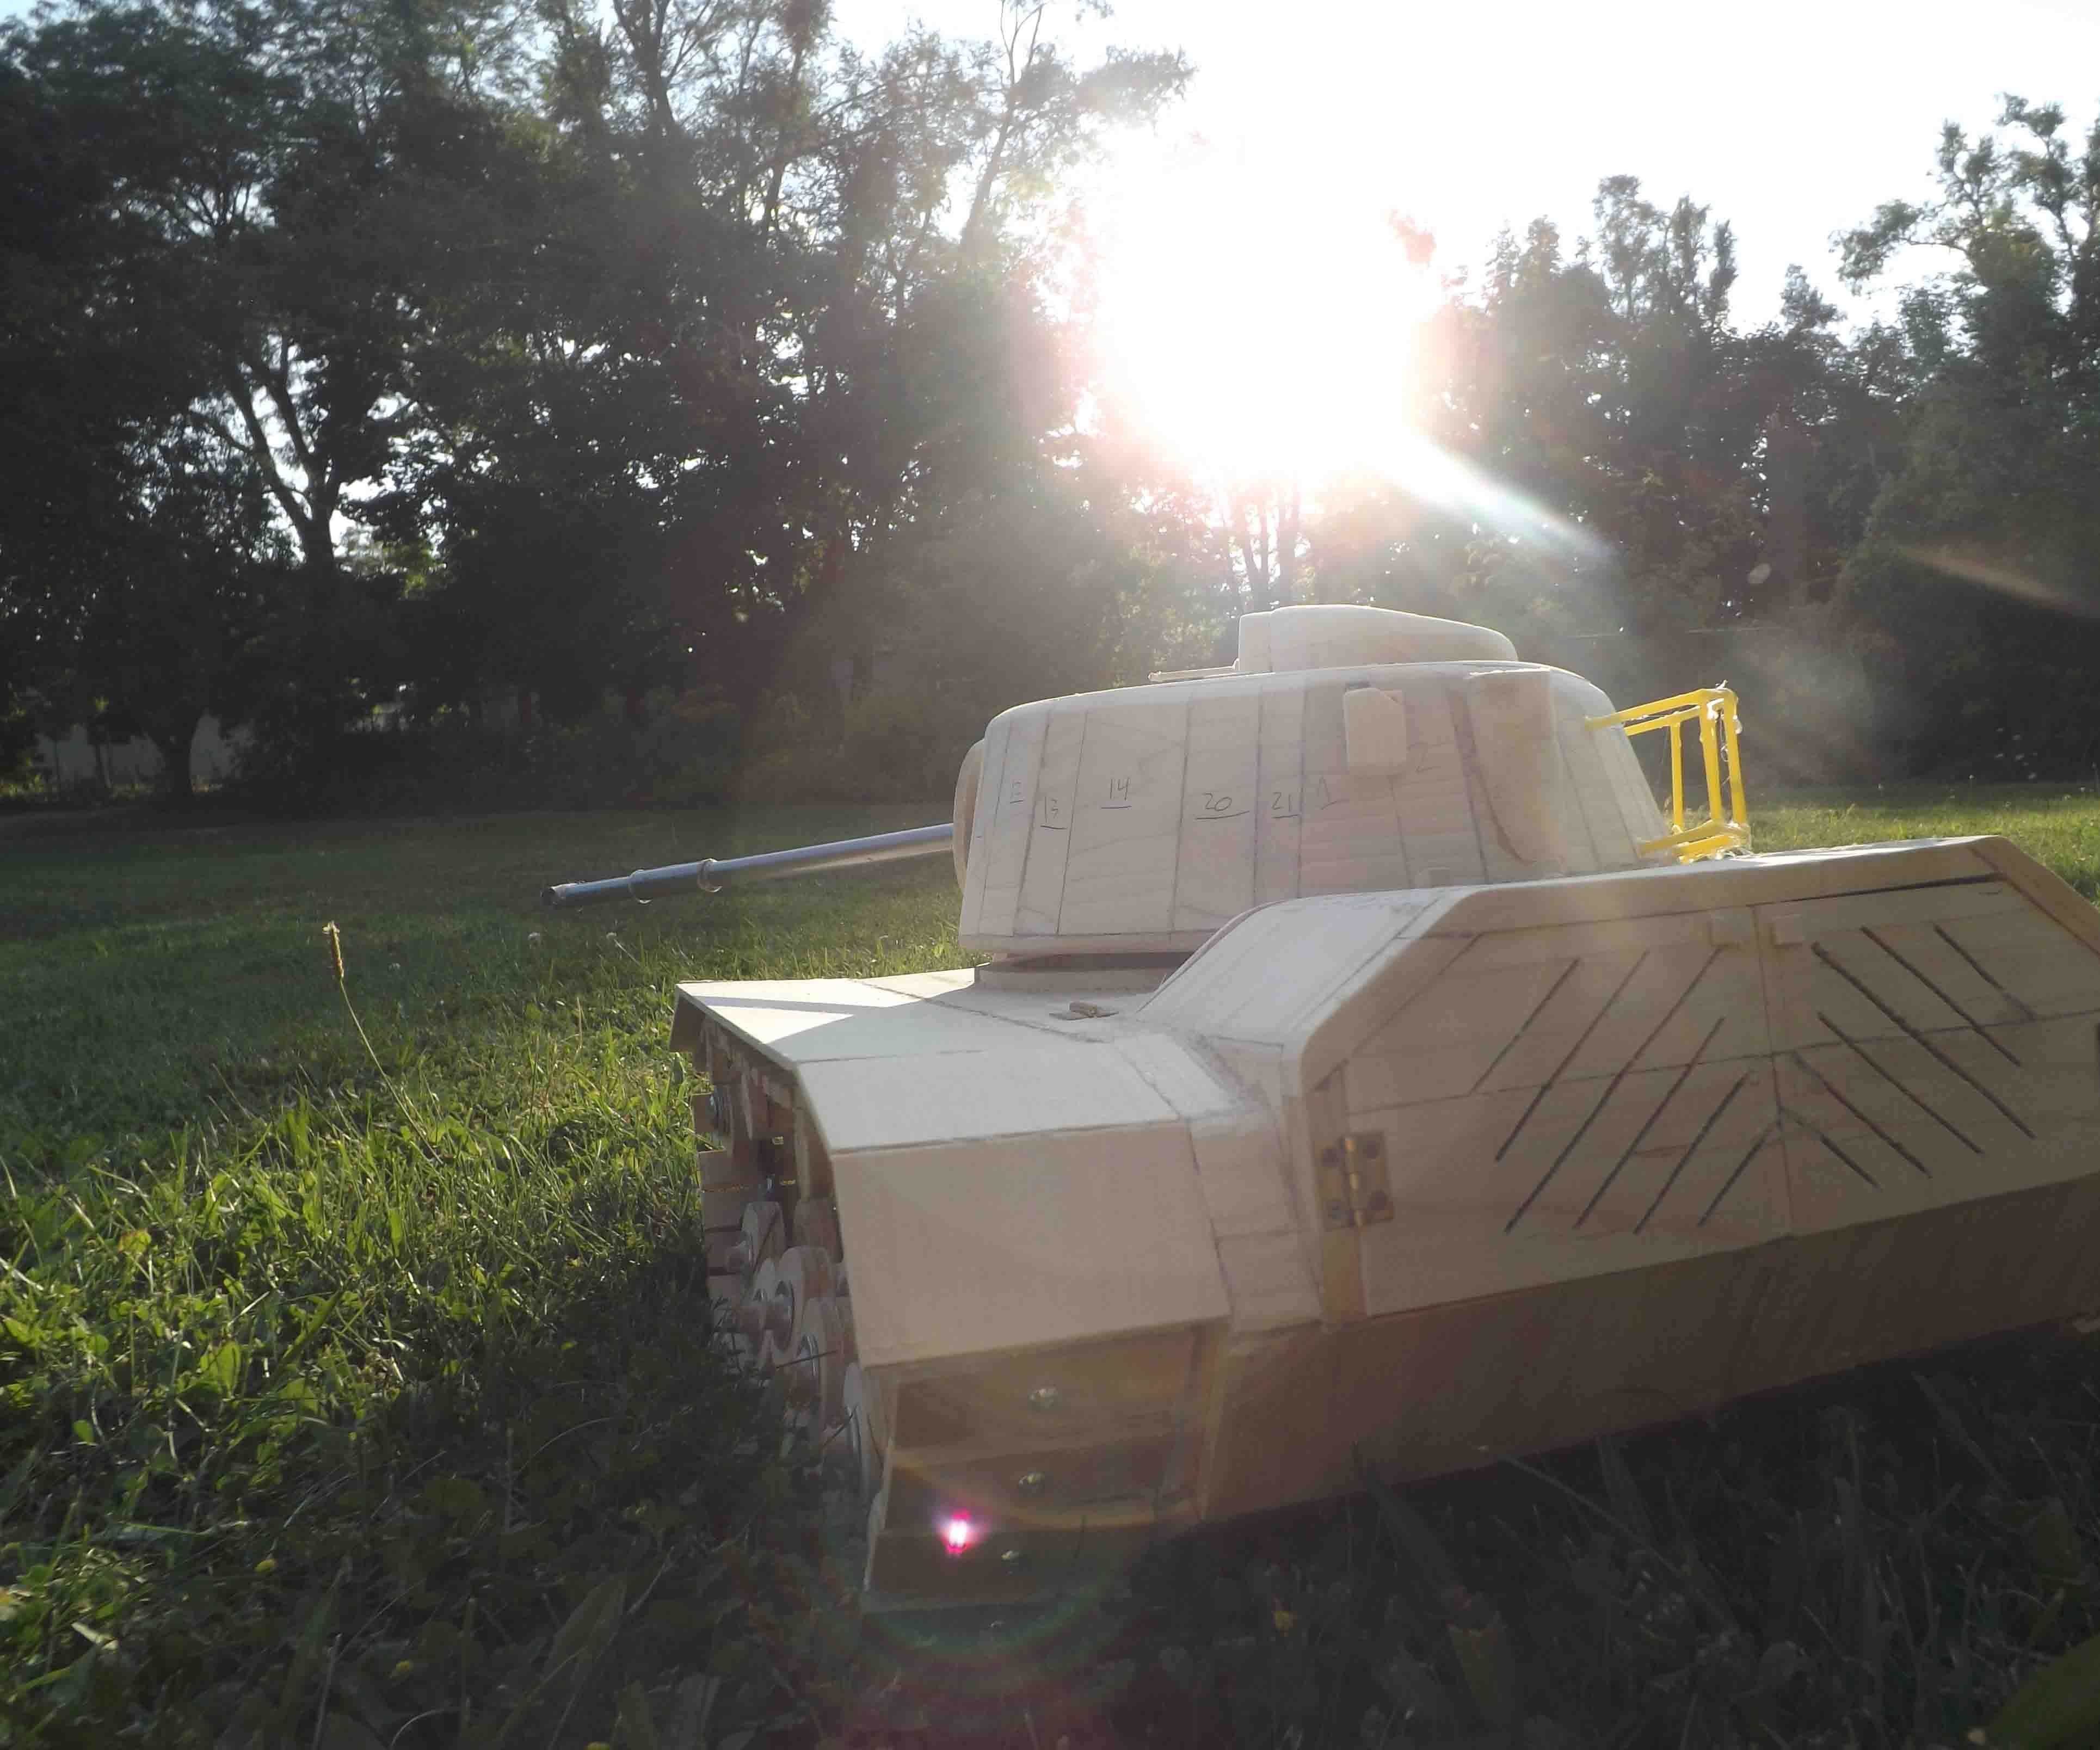 RC M48A3 Patton tank